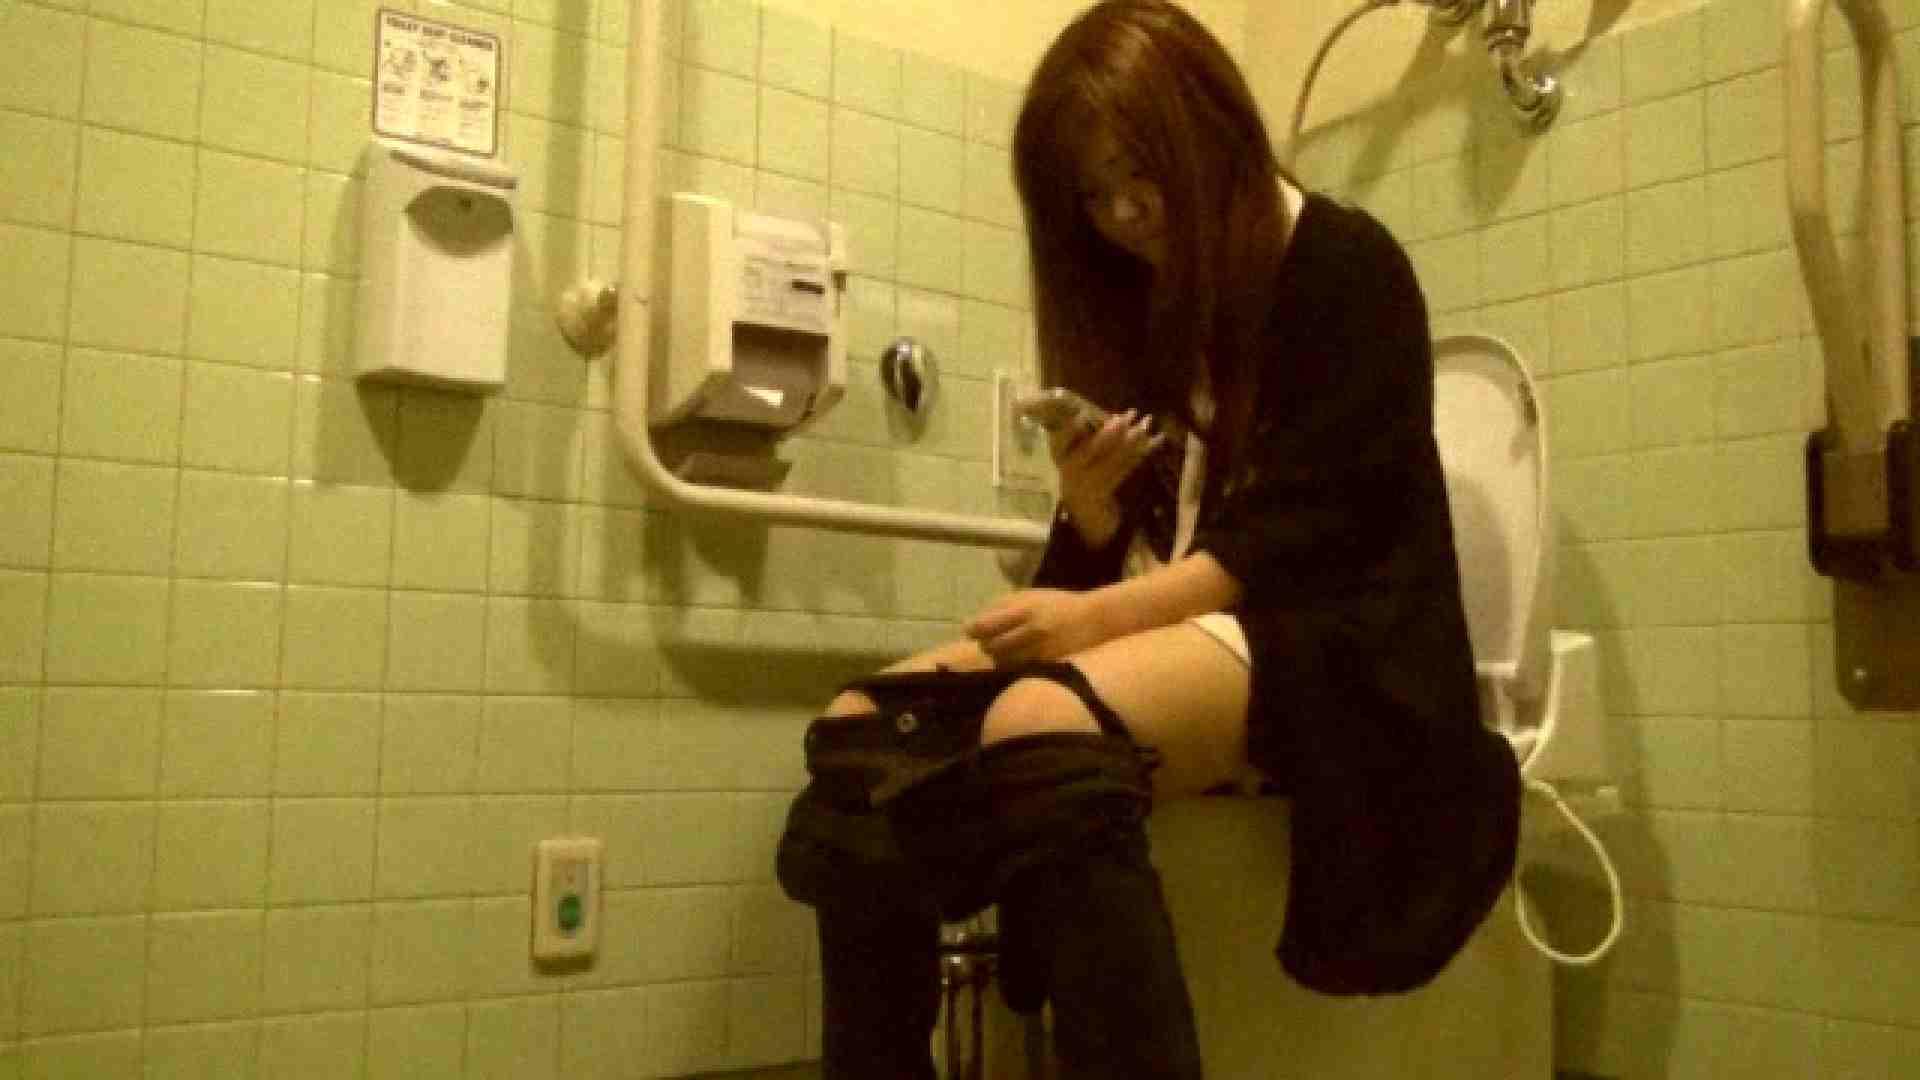 魔術師の お・も・て・な・し vol.26 19歳のバーの店員さんの洗面所をしばし… OLの実態   イタズラ  90pic 67